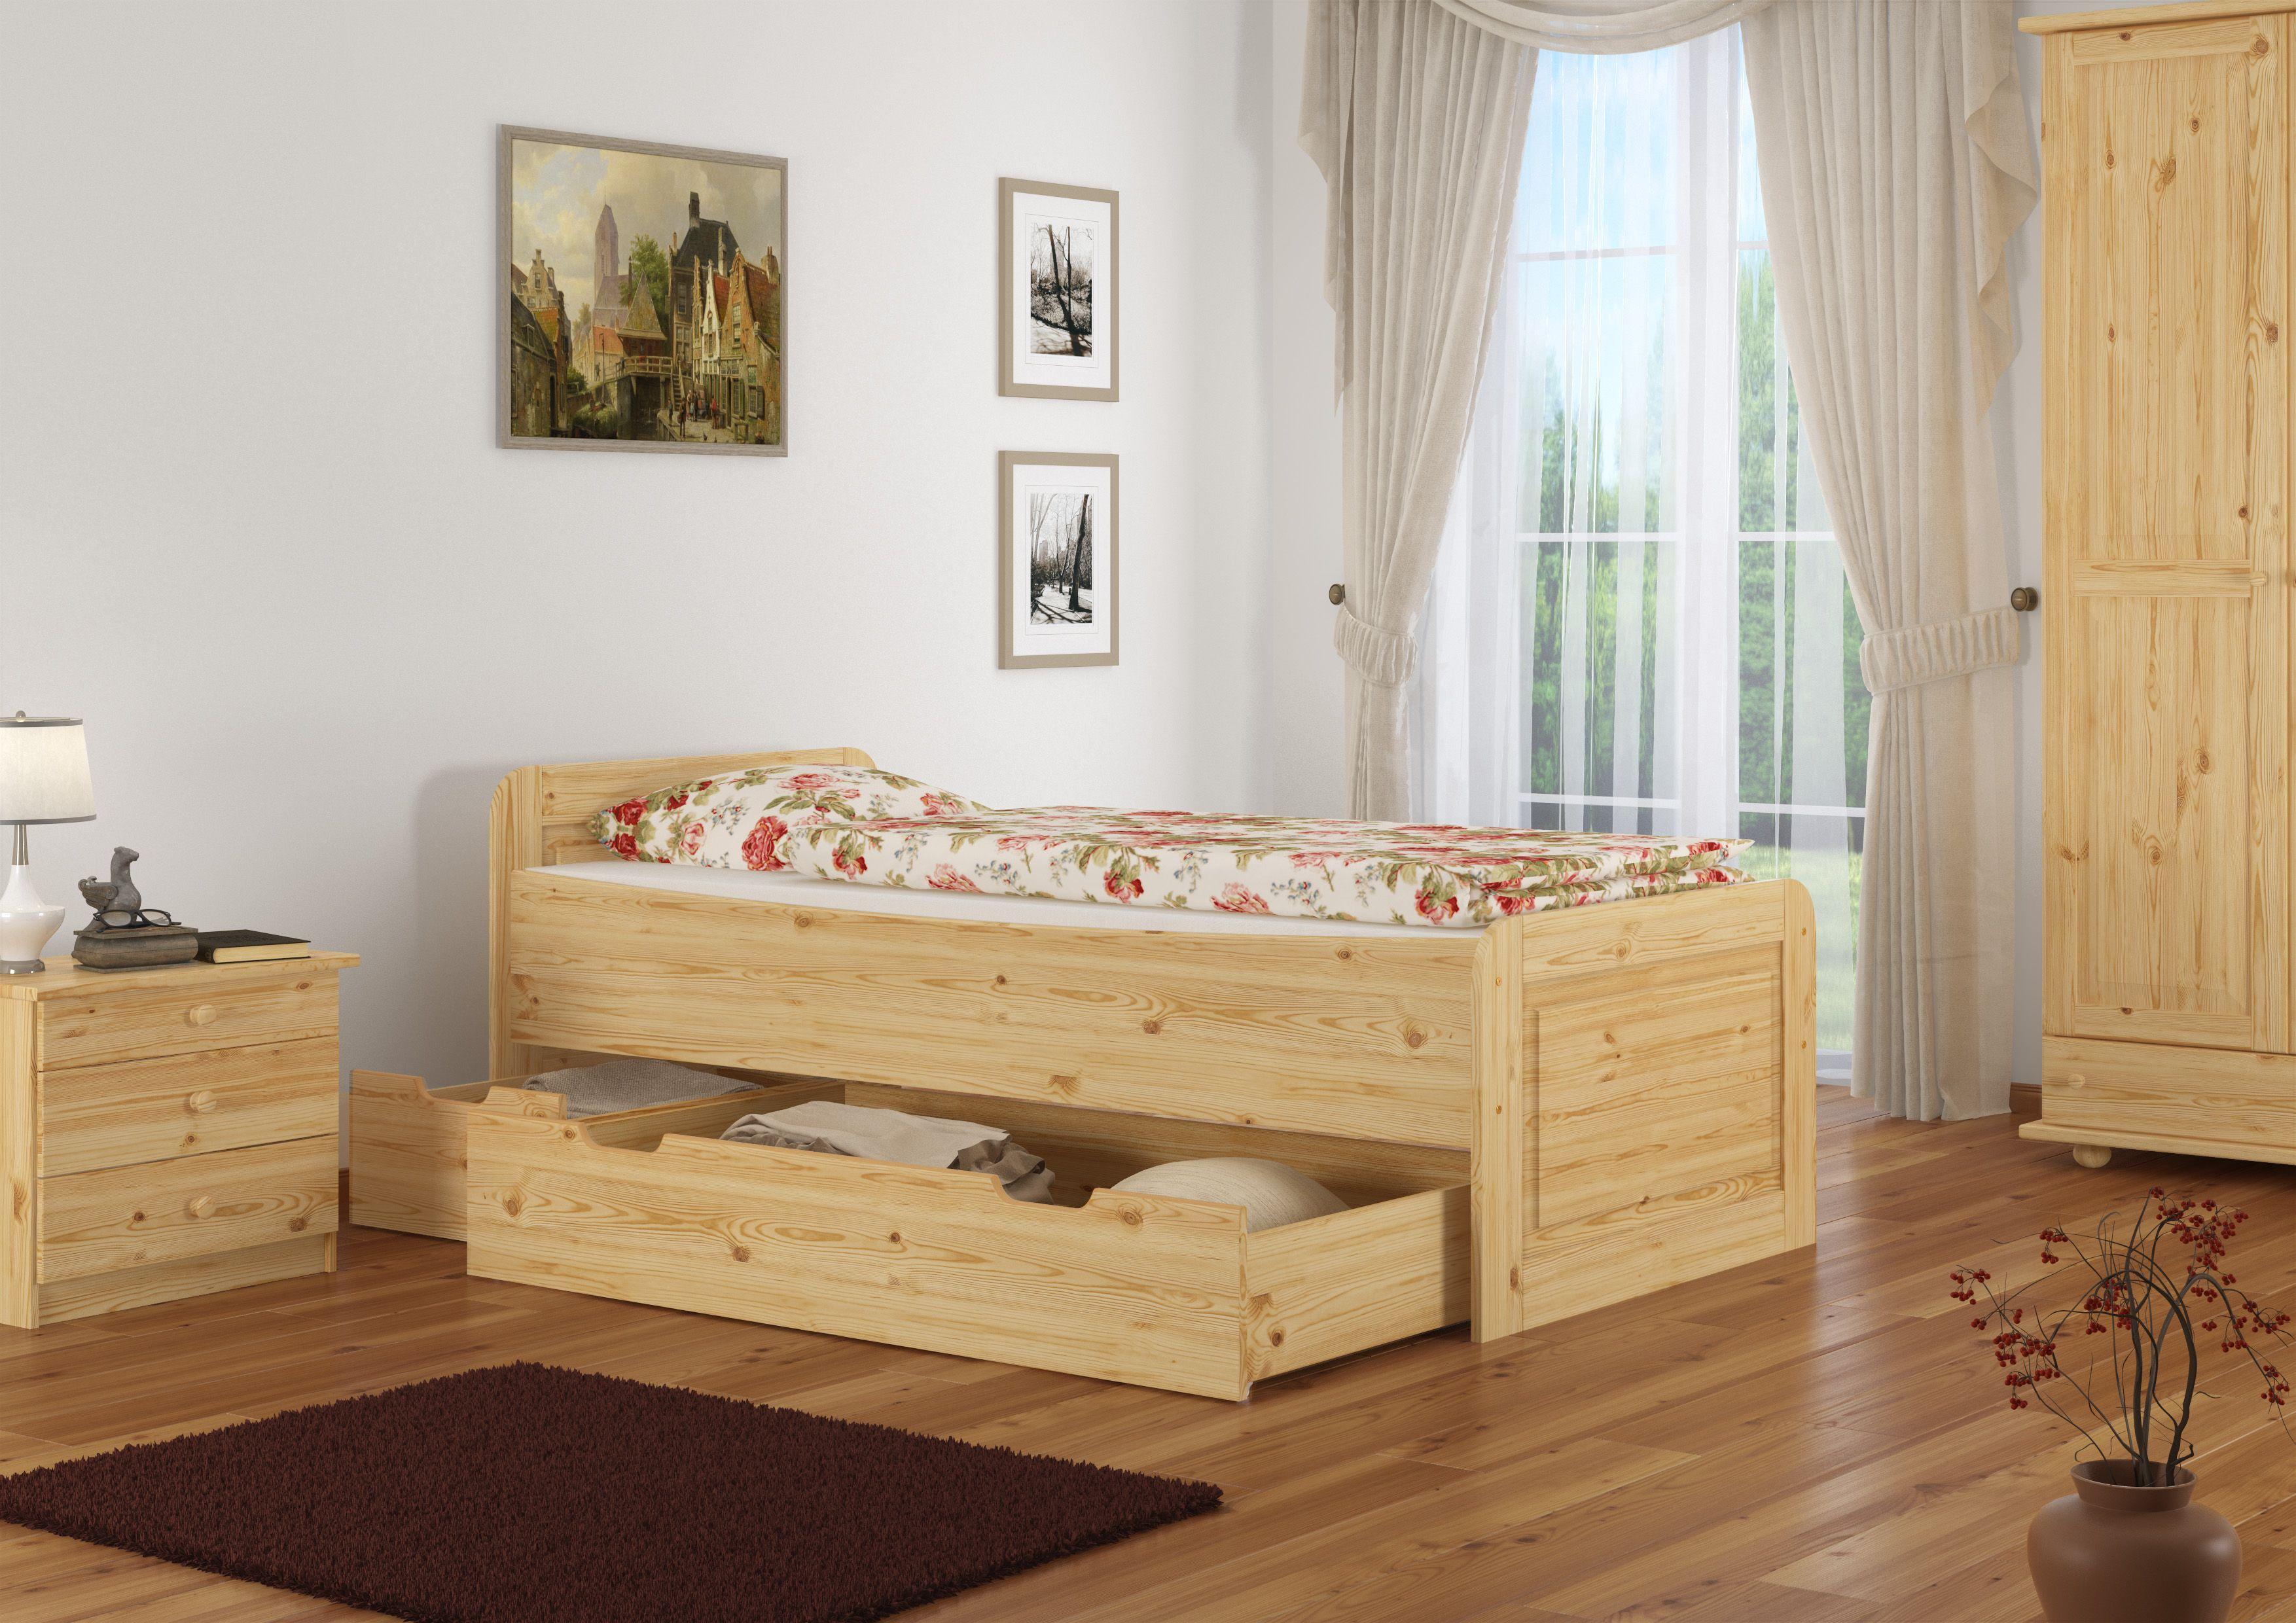 Massives Holzbett extra hoch. Für leichten Ausstieg!